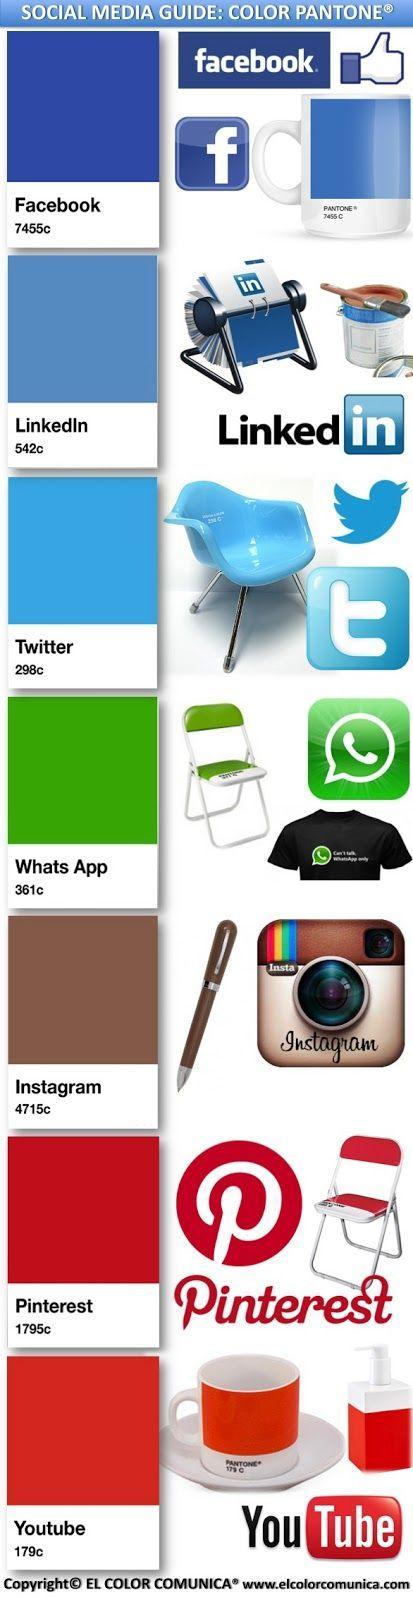 Infografia con los Pantone de las principales redes sociales | Infografia - Las mejores infografias de Internet #infographics